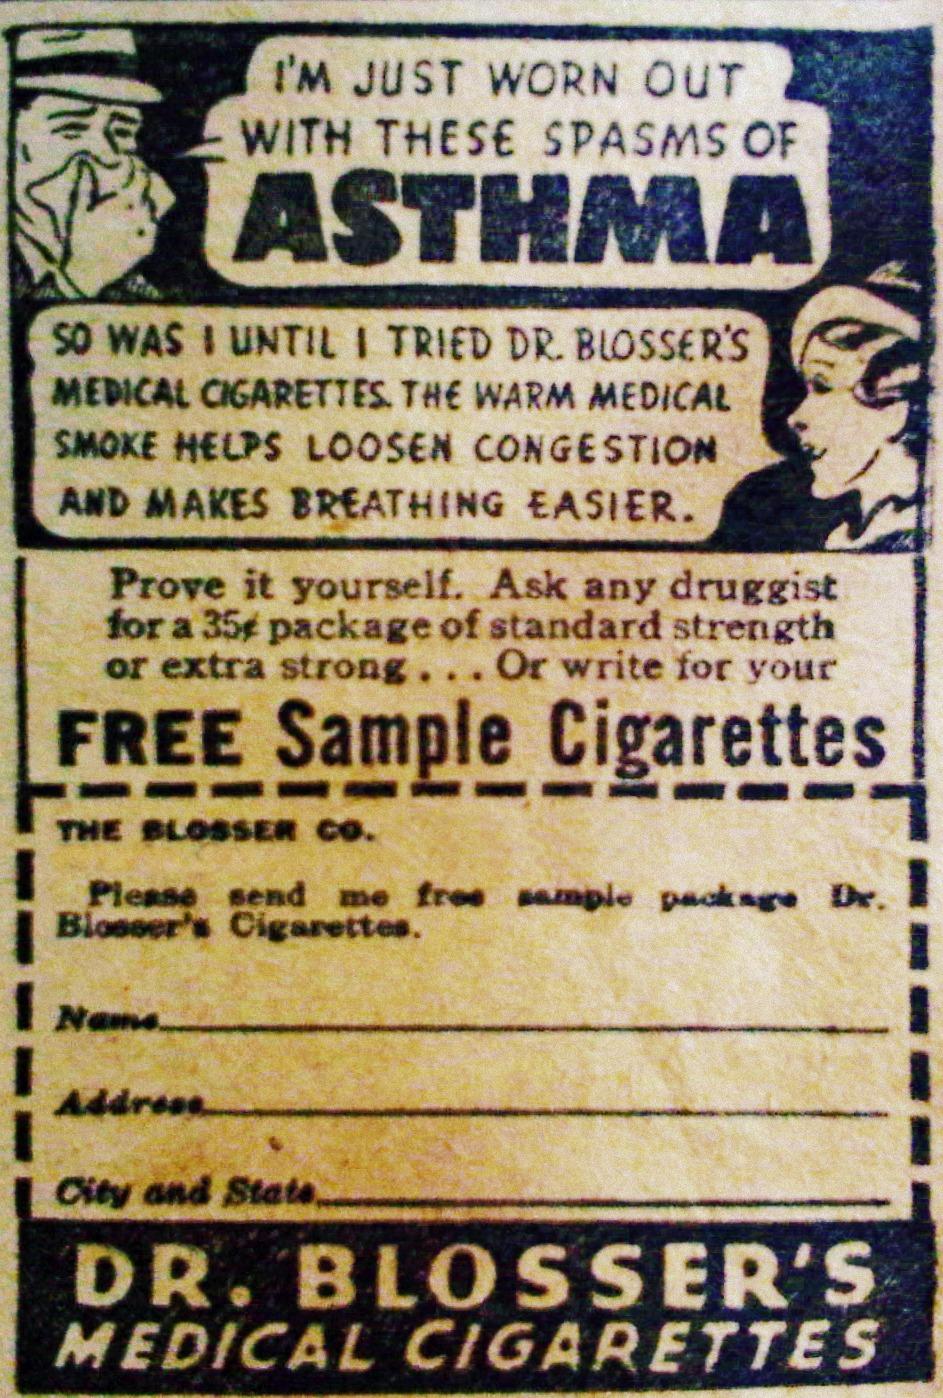 Dr. Blosser's Medical Cigarettes 1938